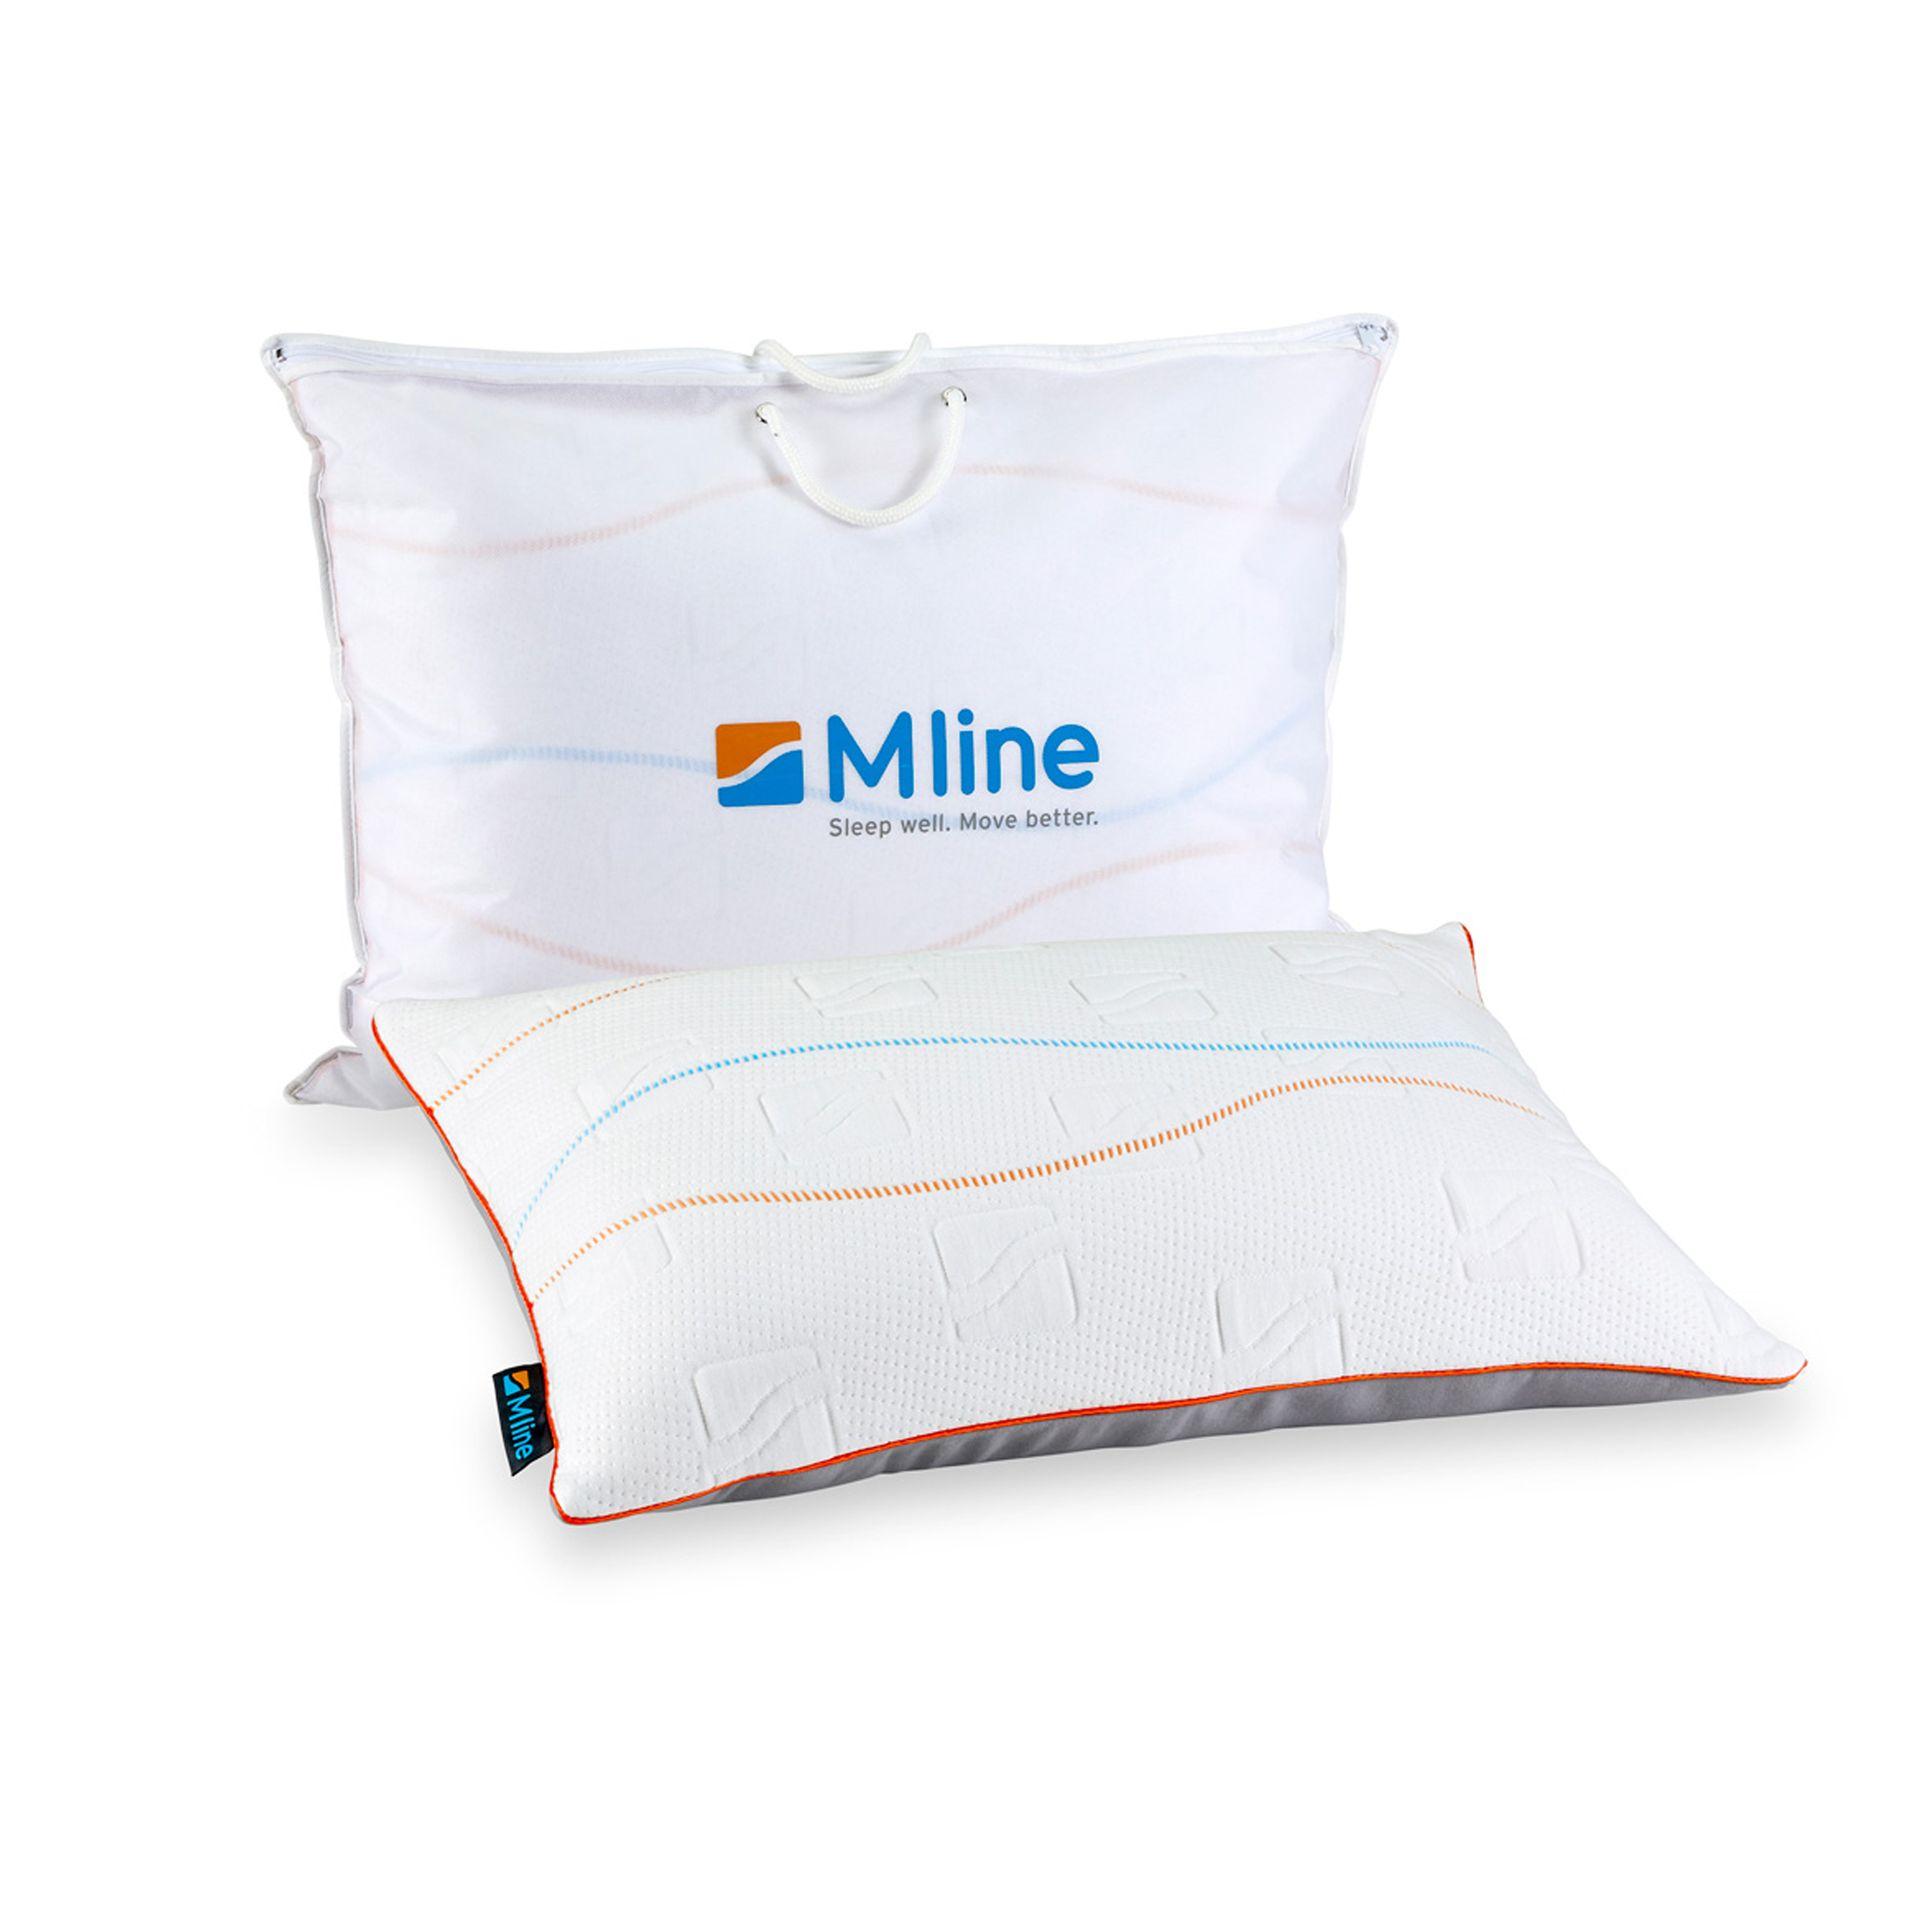 M line Active Pillow